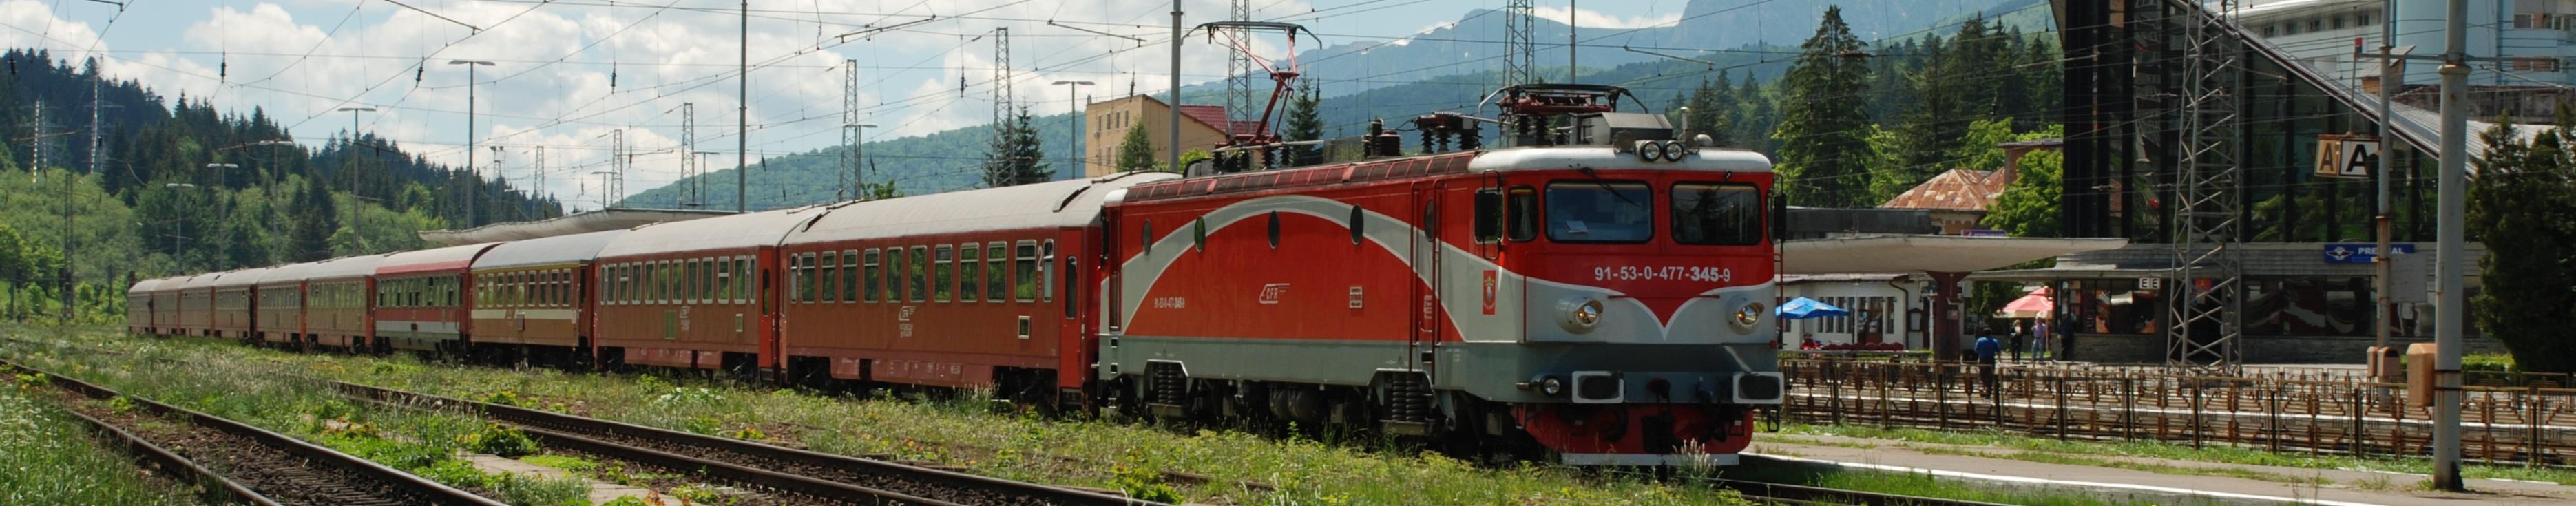 Trenuri la superlativ - forum.lokomotiv.ro